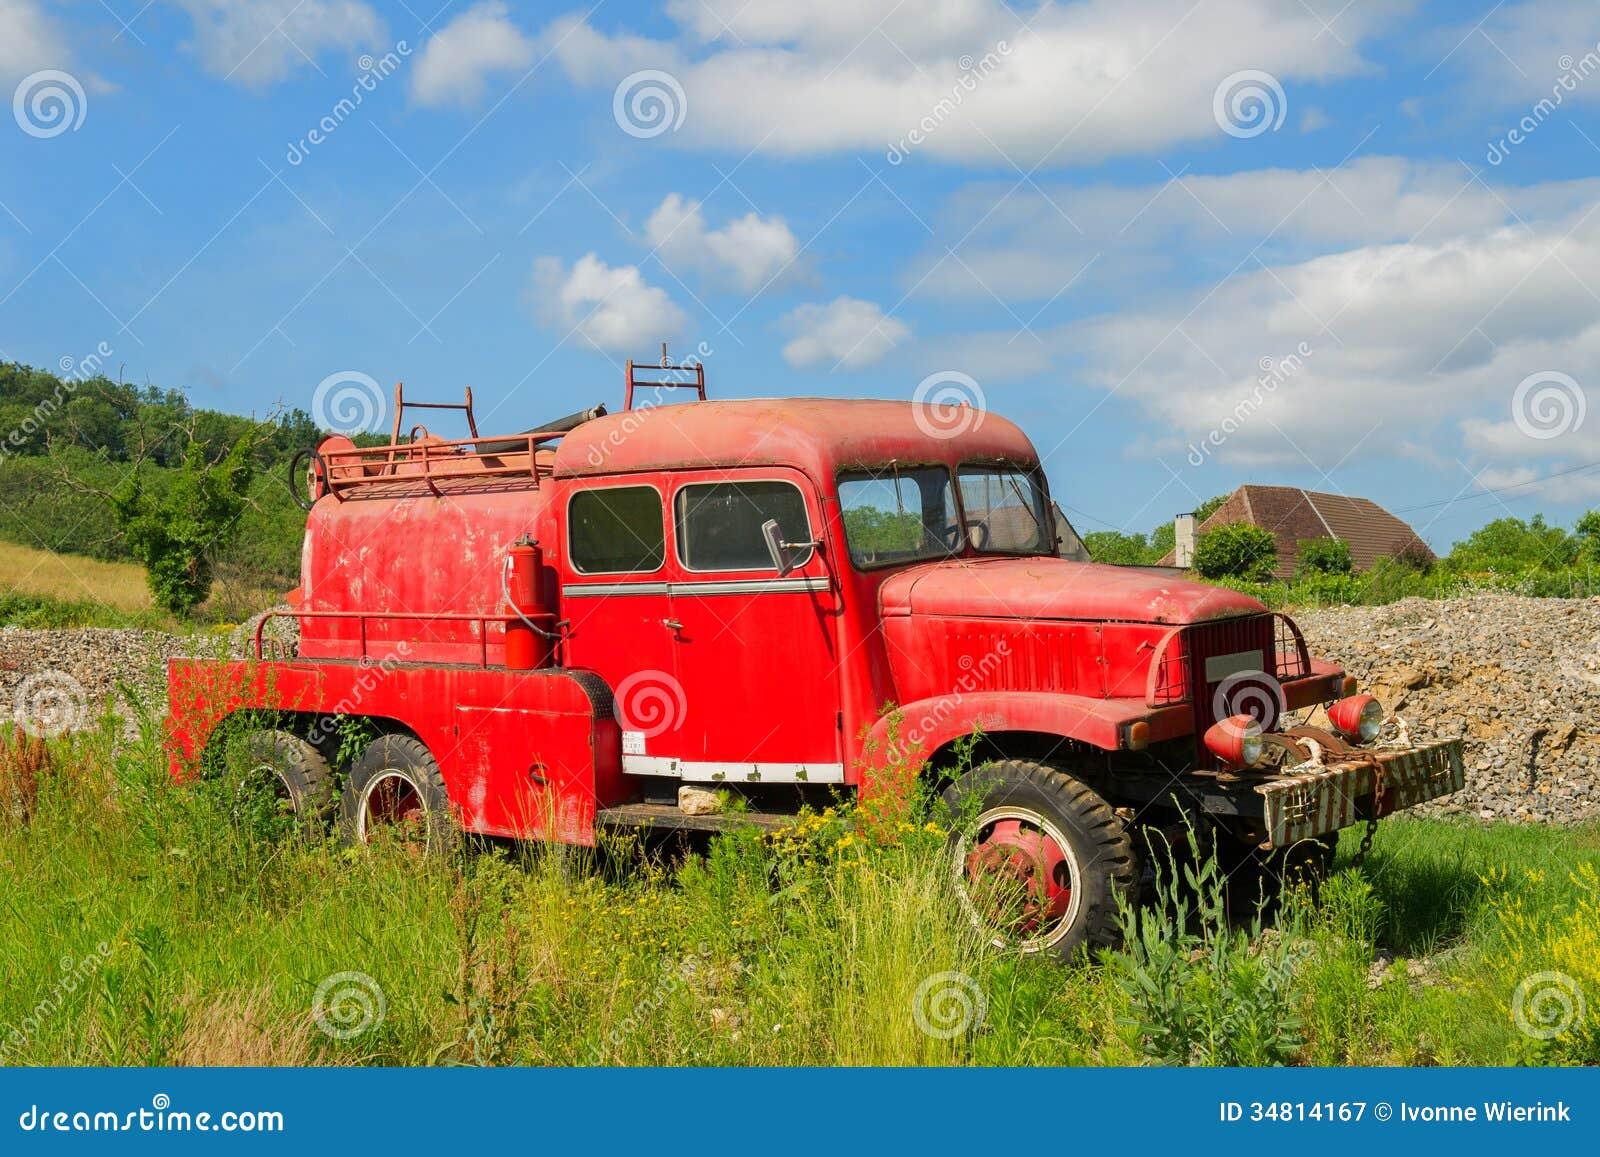 vieux camion de pompiers fran ais image stock image 34814167. Black Bedroom Furniture Sets. Home Design Ideas